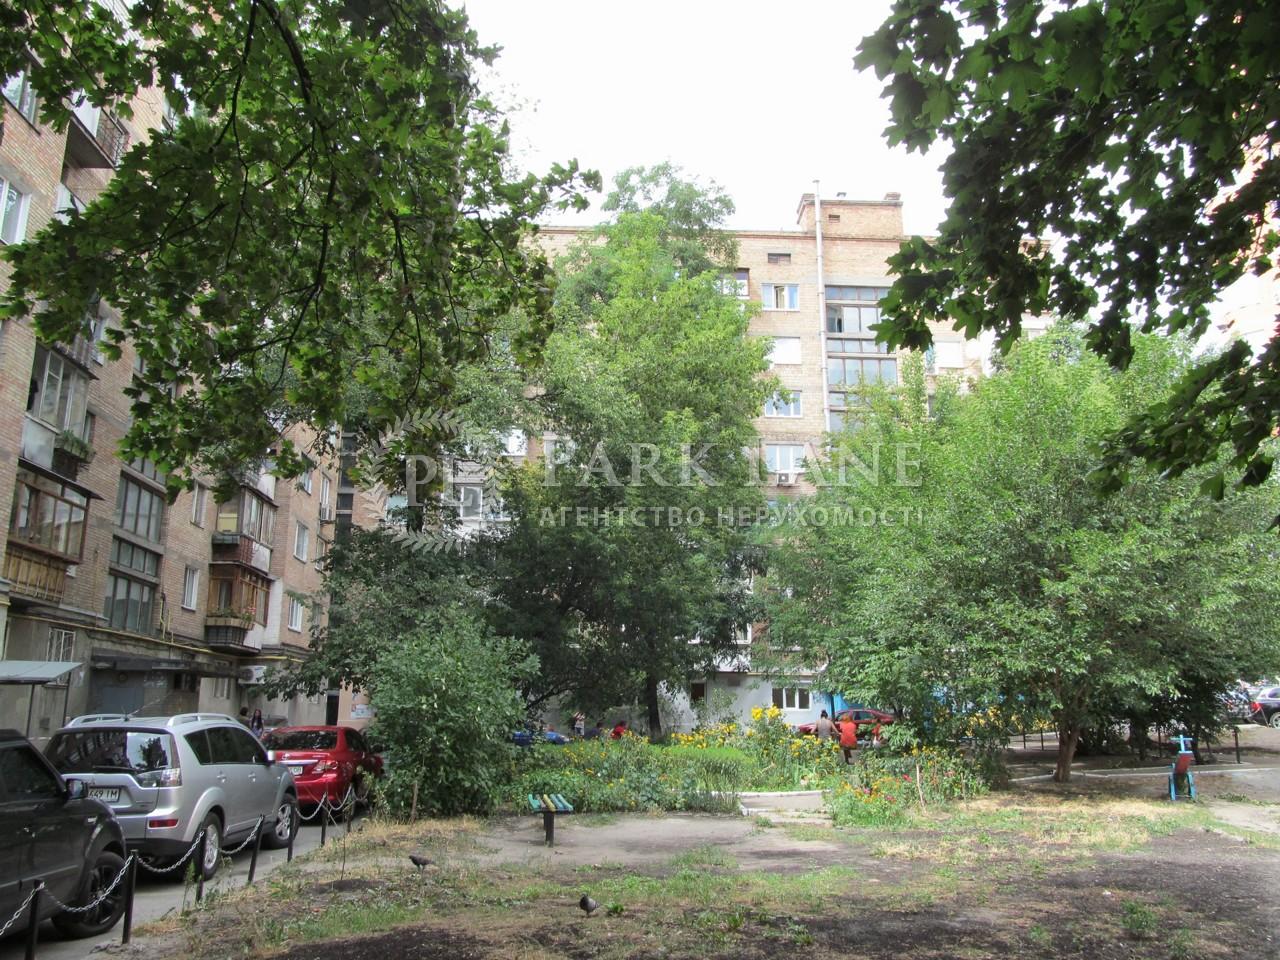 Квартира вул. Велика Васильківська, 129, Київ, H-6729 - Фото 3